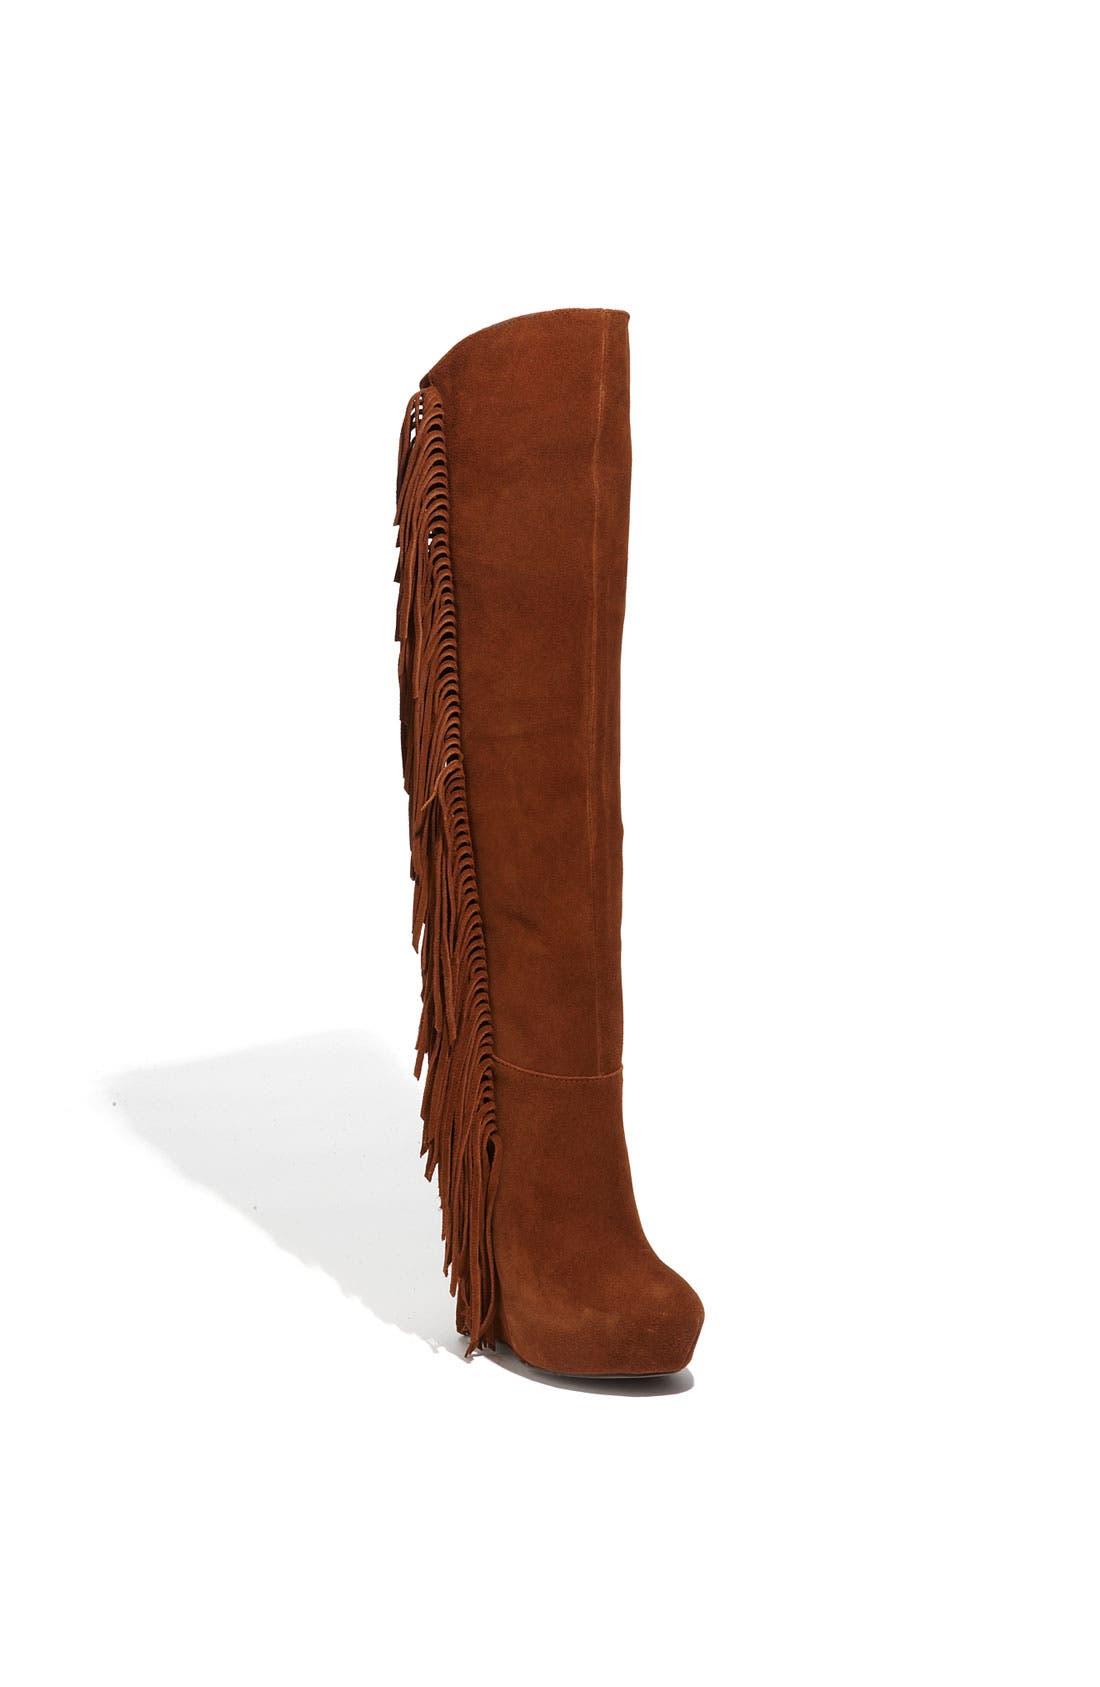 Alternate Image 1 Selected - Steve Madden 'Badgess' Over the Knee Boot